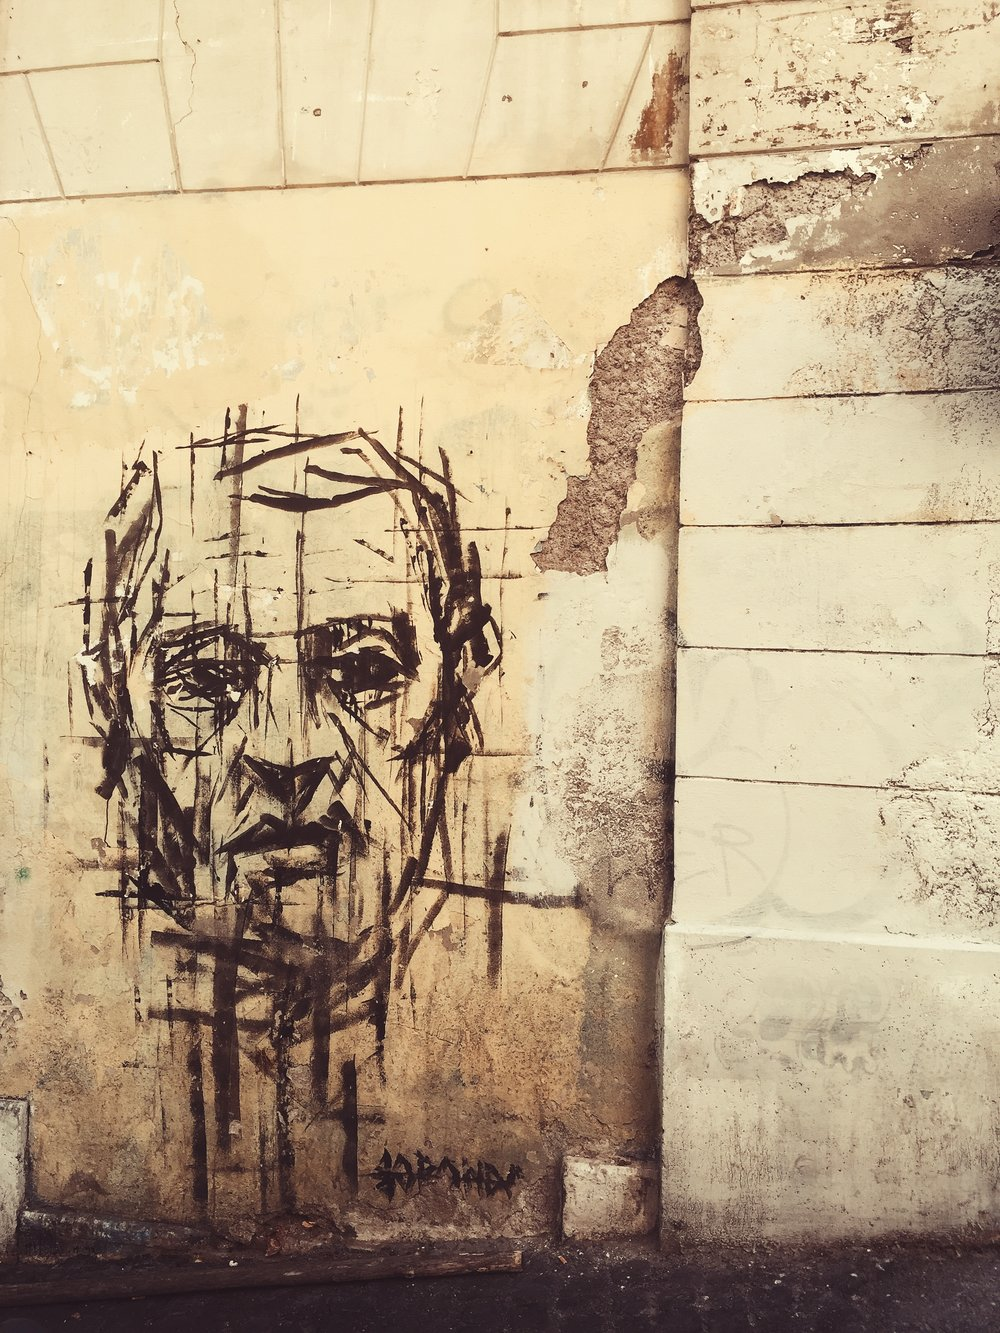 street art portrait in rome italy